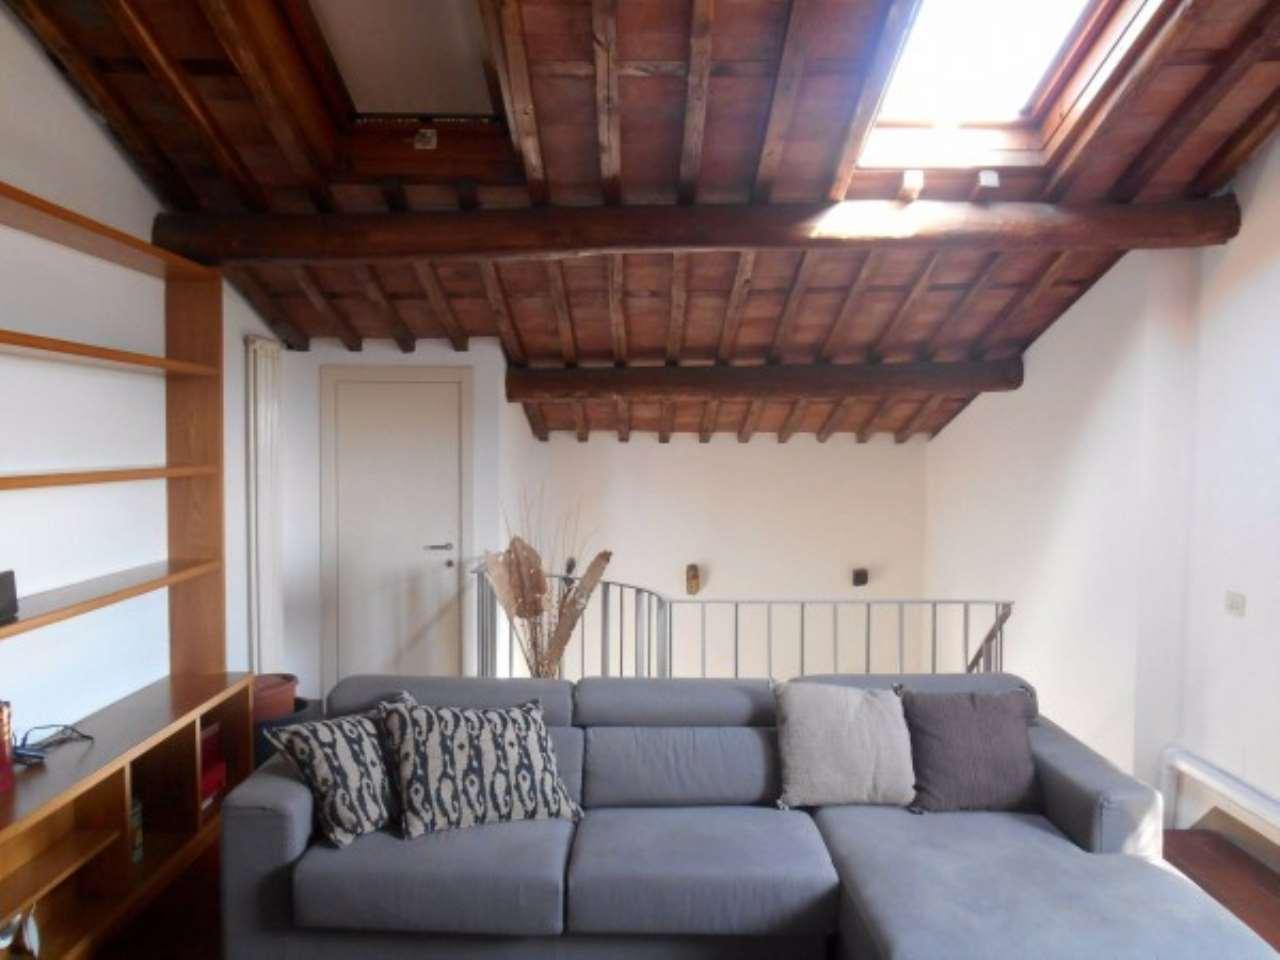 Attico / Mansarda in affitto a Lucca, 4 locali, prezzo € 1.200 | CambioCasa.it